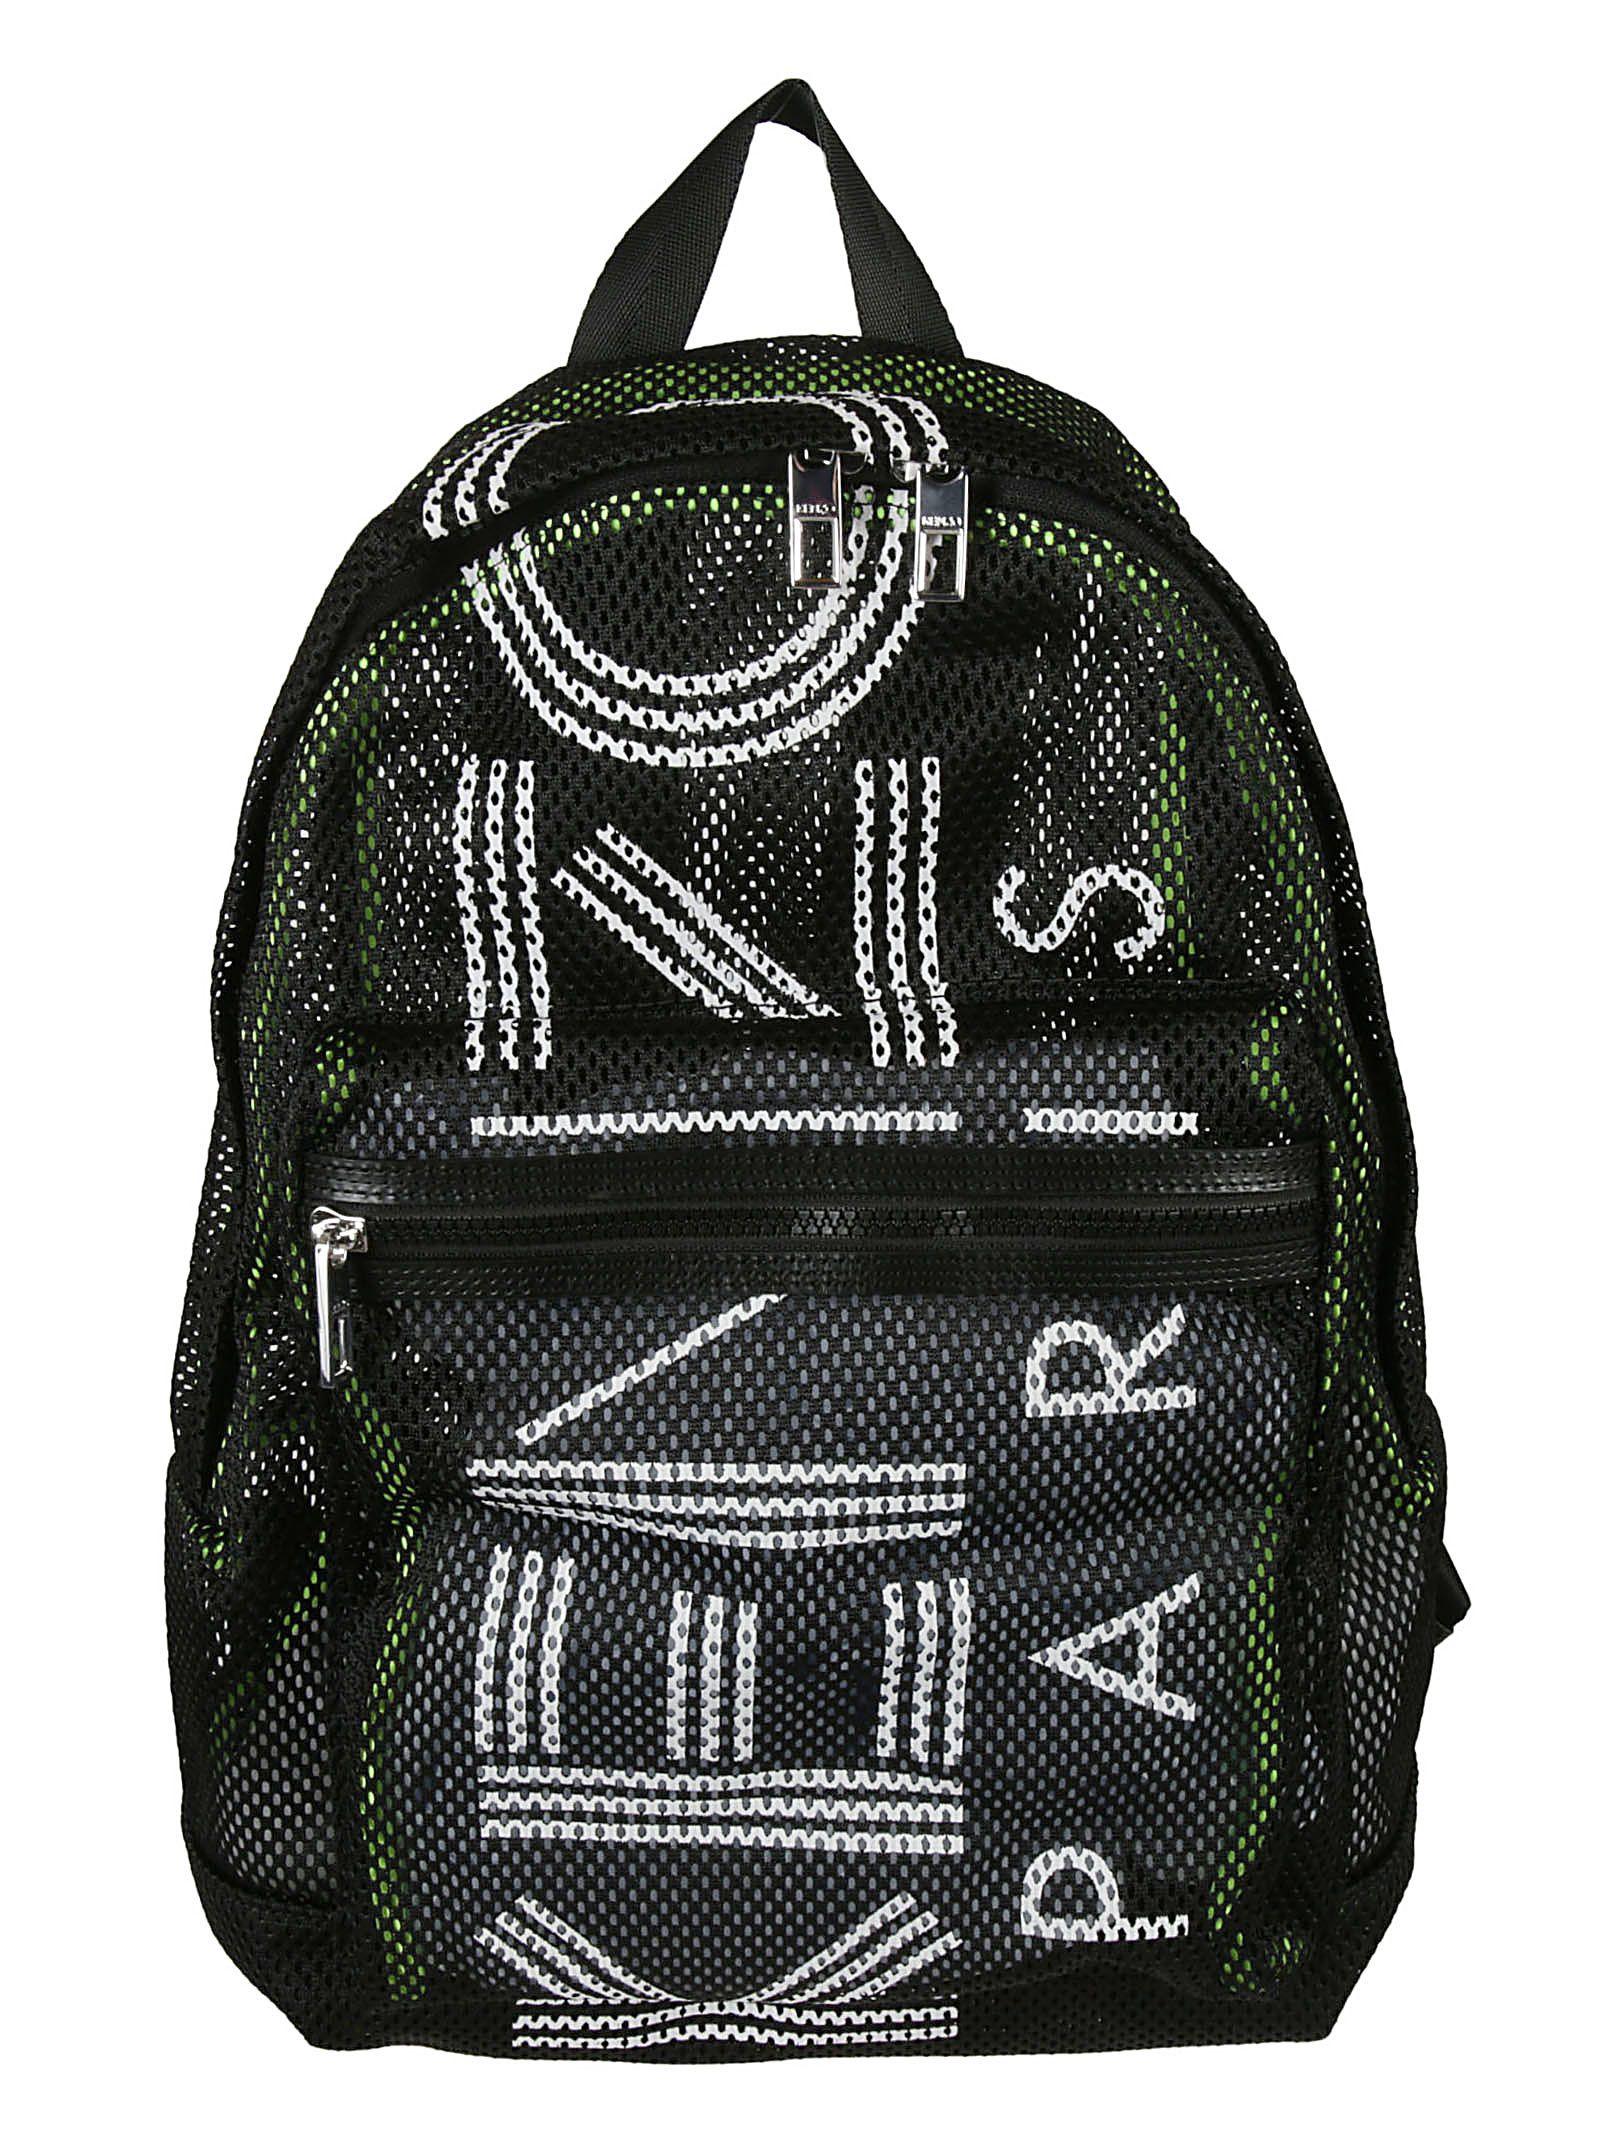 e3a255a55 Kenzo Kenzo Large Logo Mesh Backpack - Black - 10849971 | italist